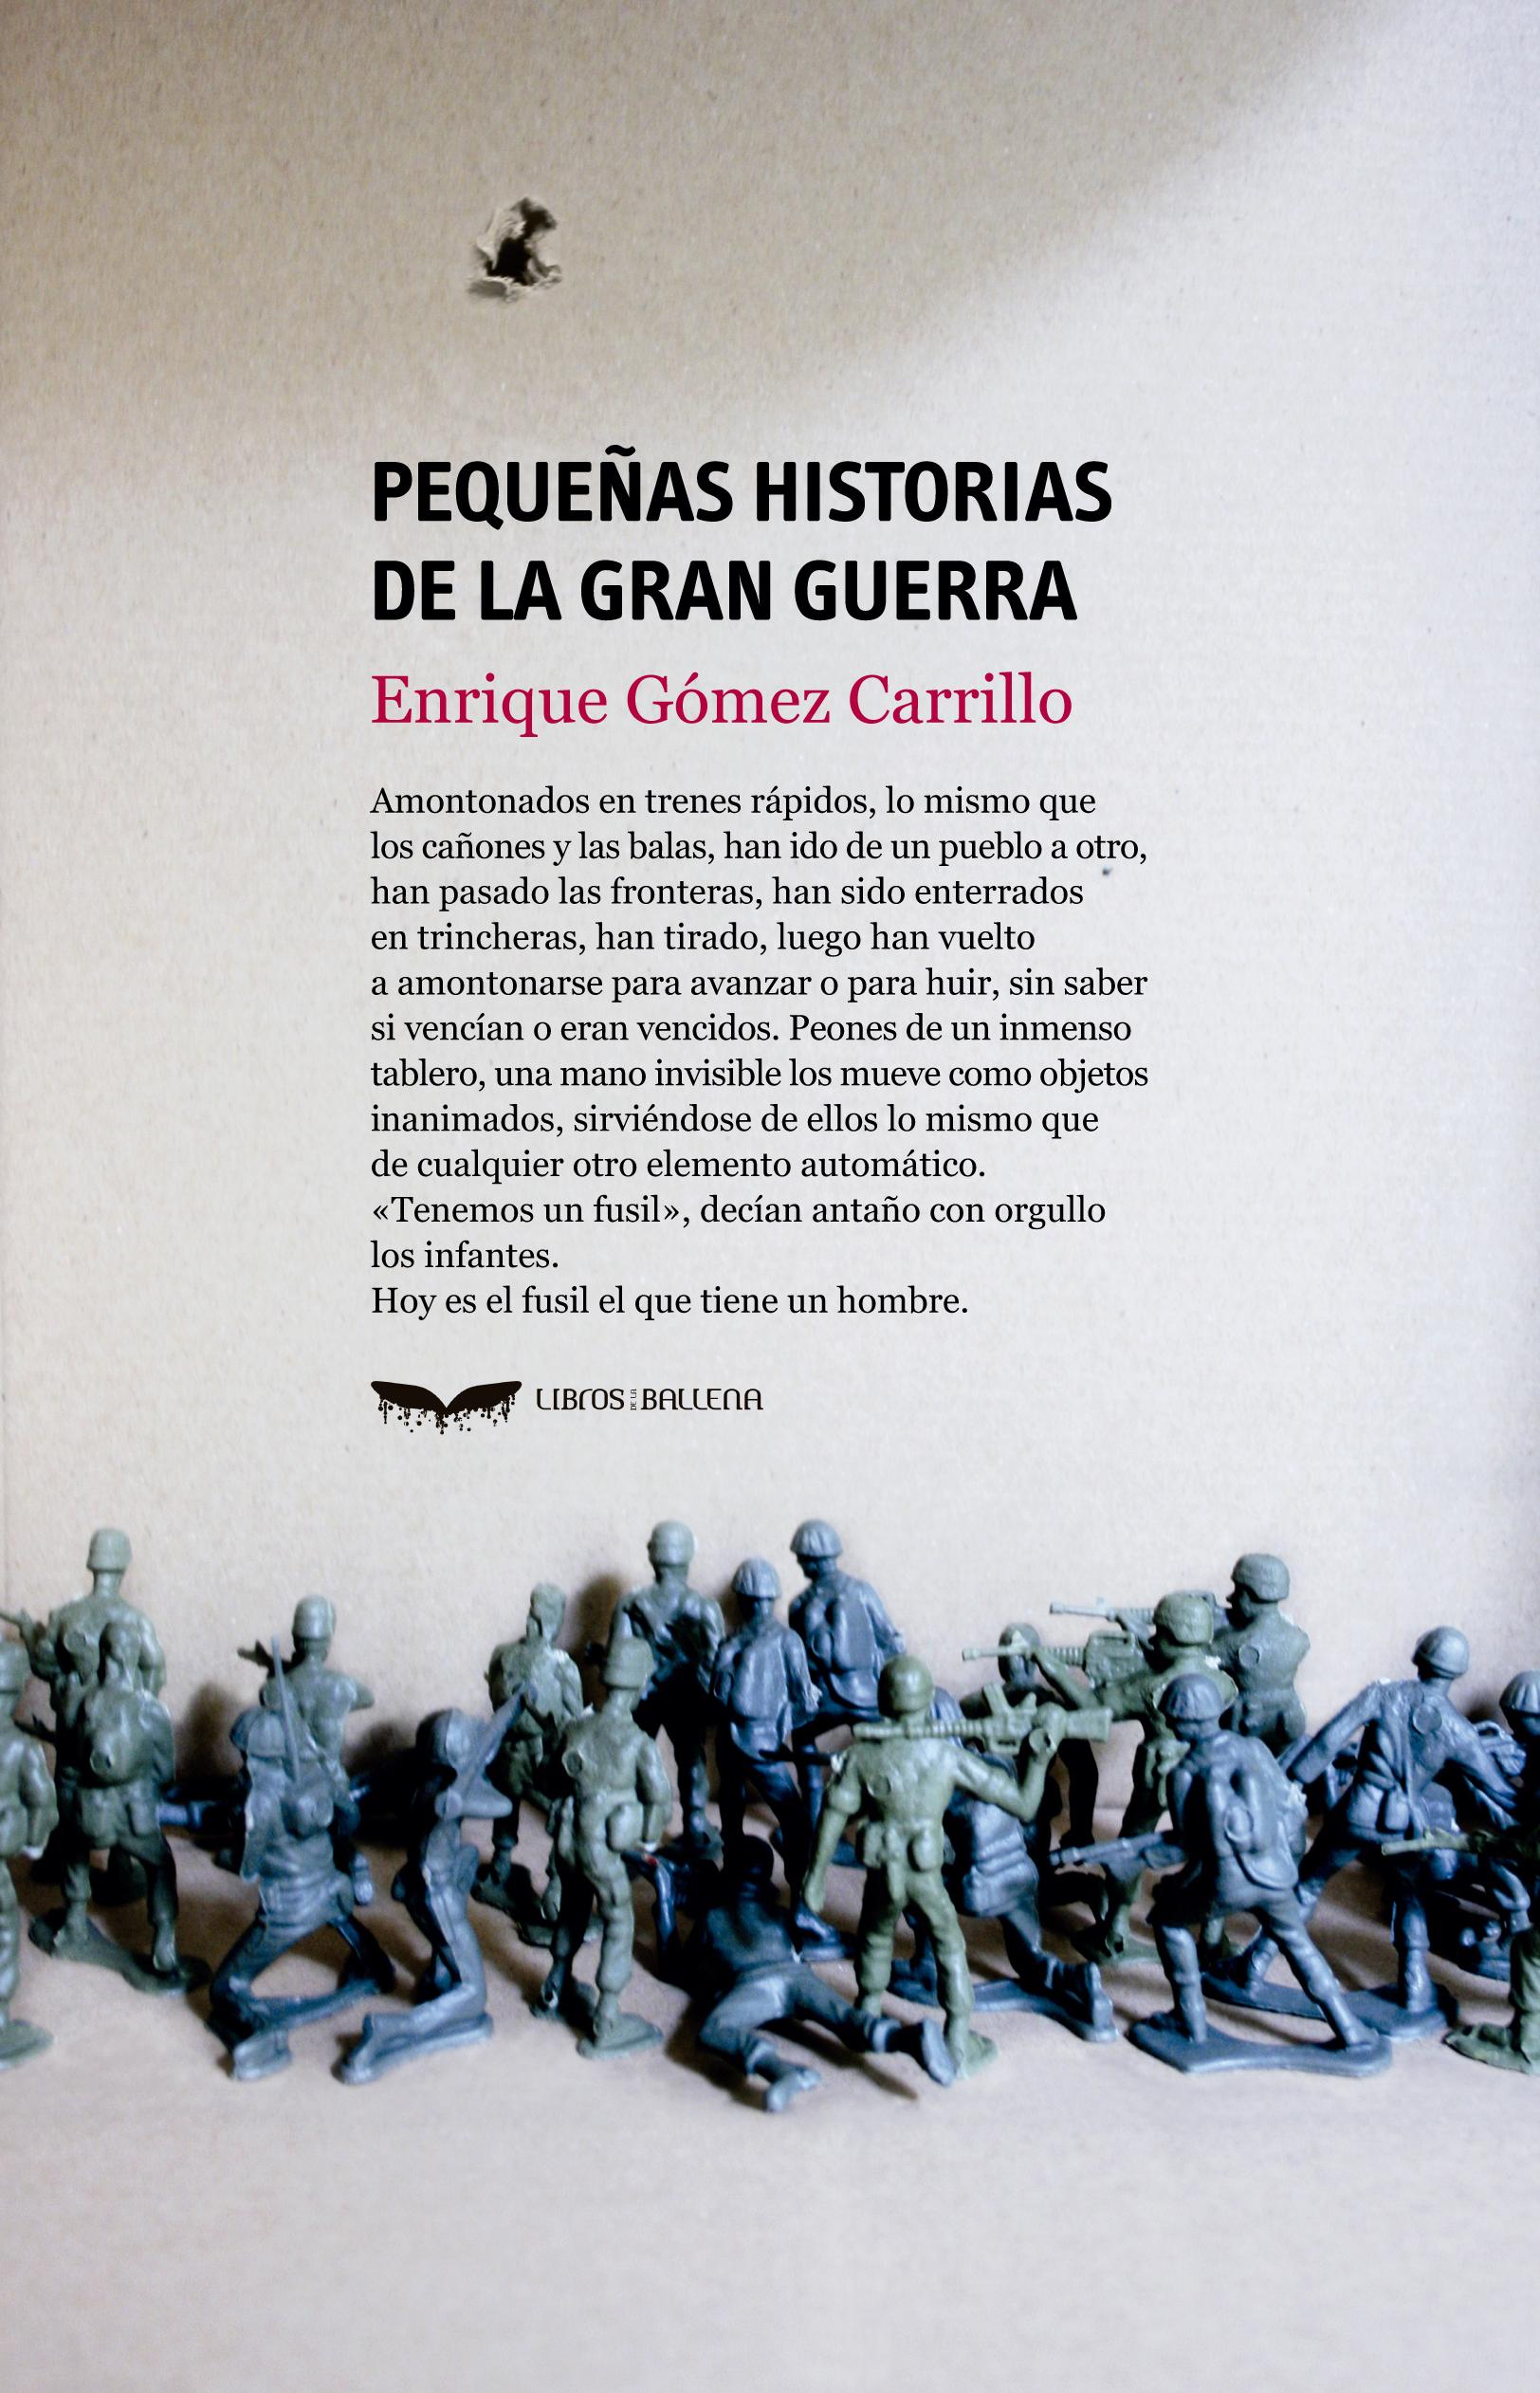 Enrique Gómez Carrillo. Libros de la ballena